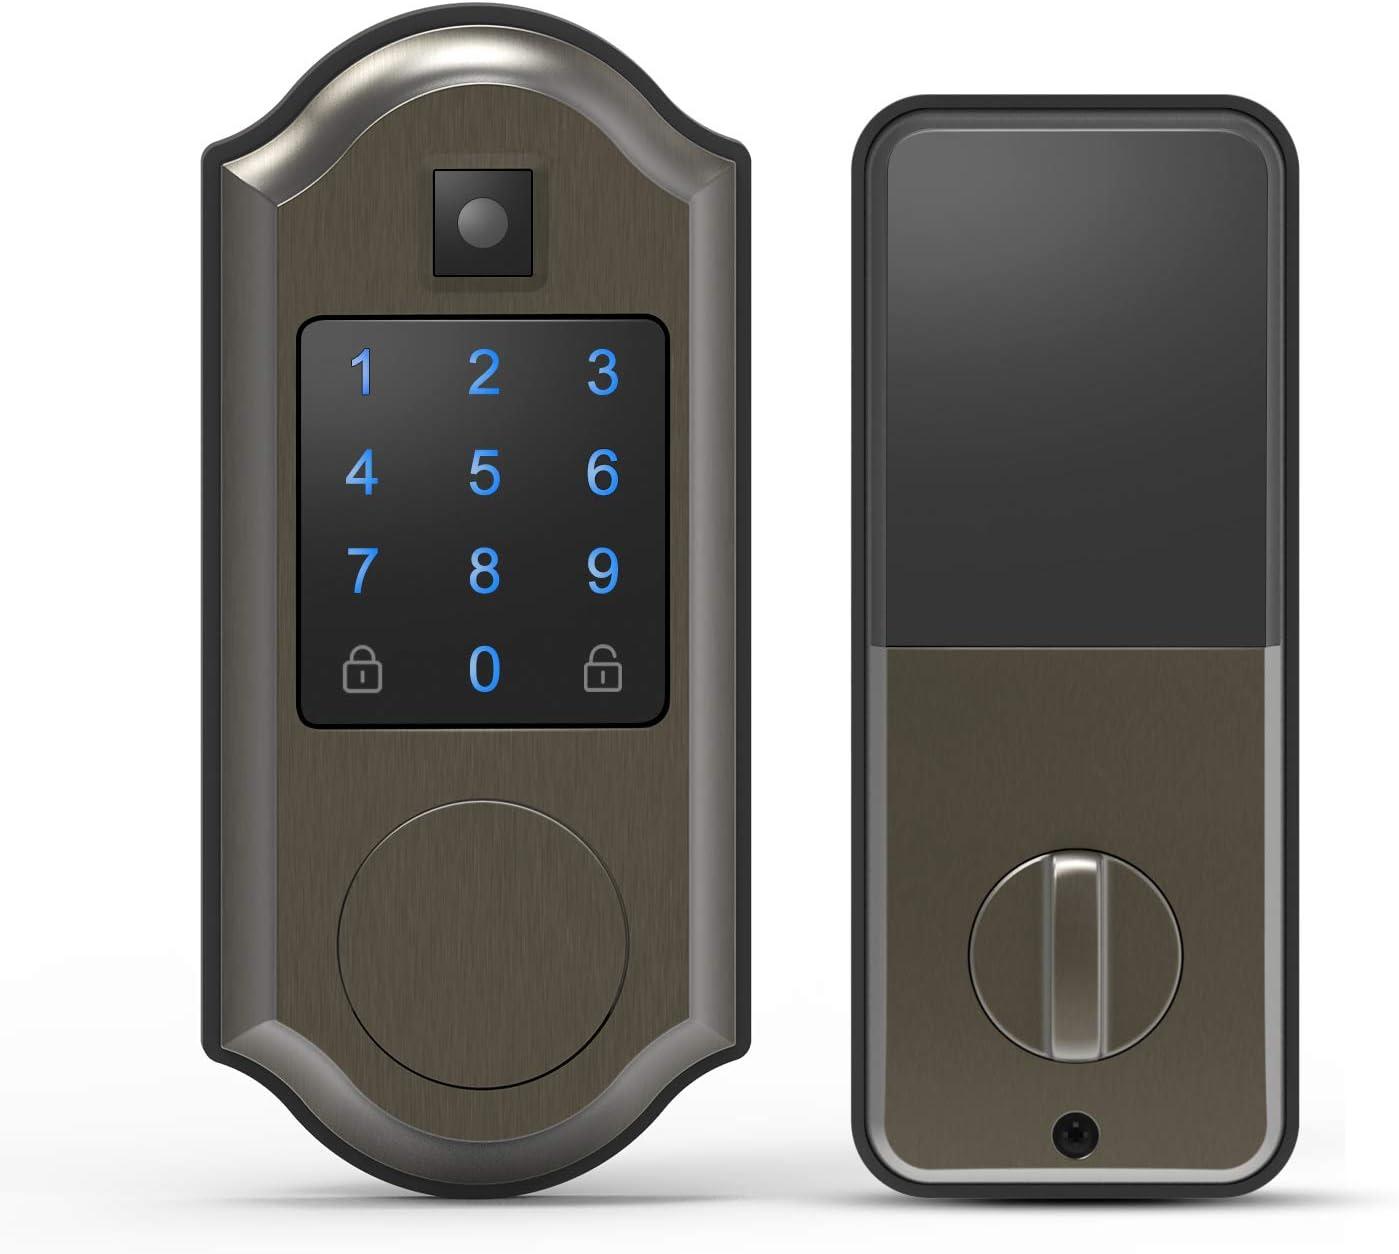 ChicAid Smart Door Lock, Keyless Entry Door Lock with Touchscreen Keypad, Digital Electronic Front Door Lock Deadbolt, Work with APP, Brushed Grey